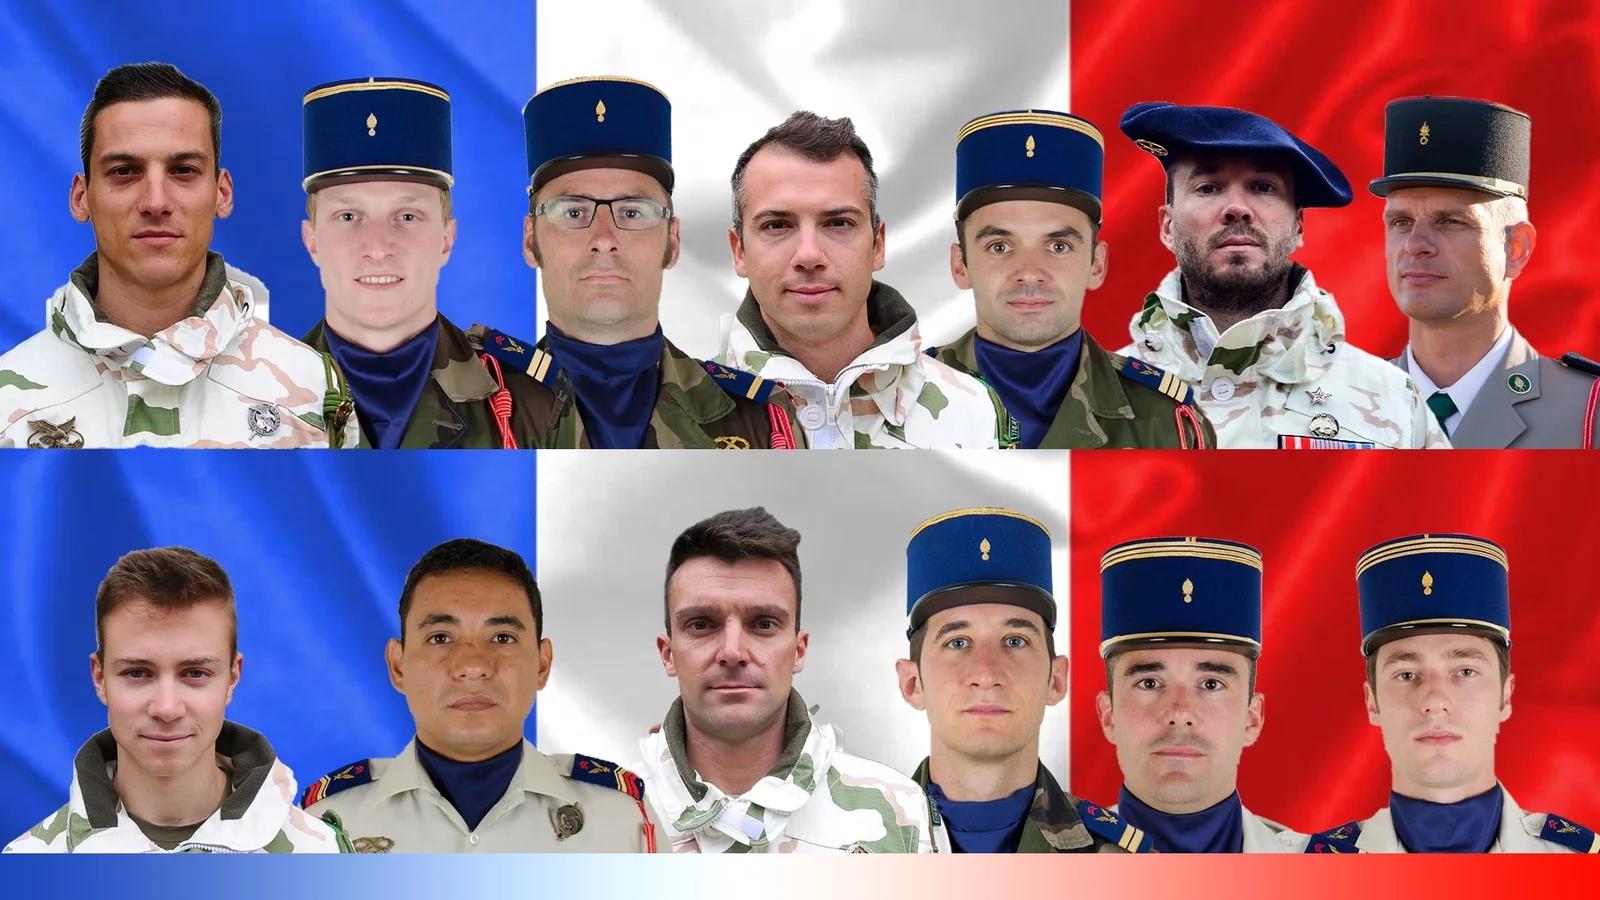 Mueren 13 soldados franceses en choque de helicóptero en Malí